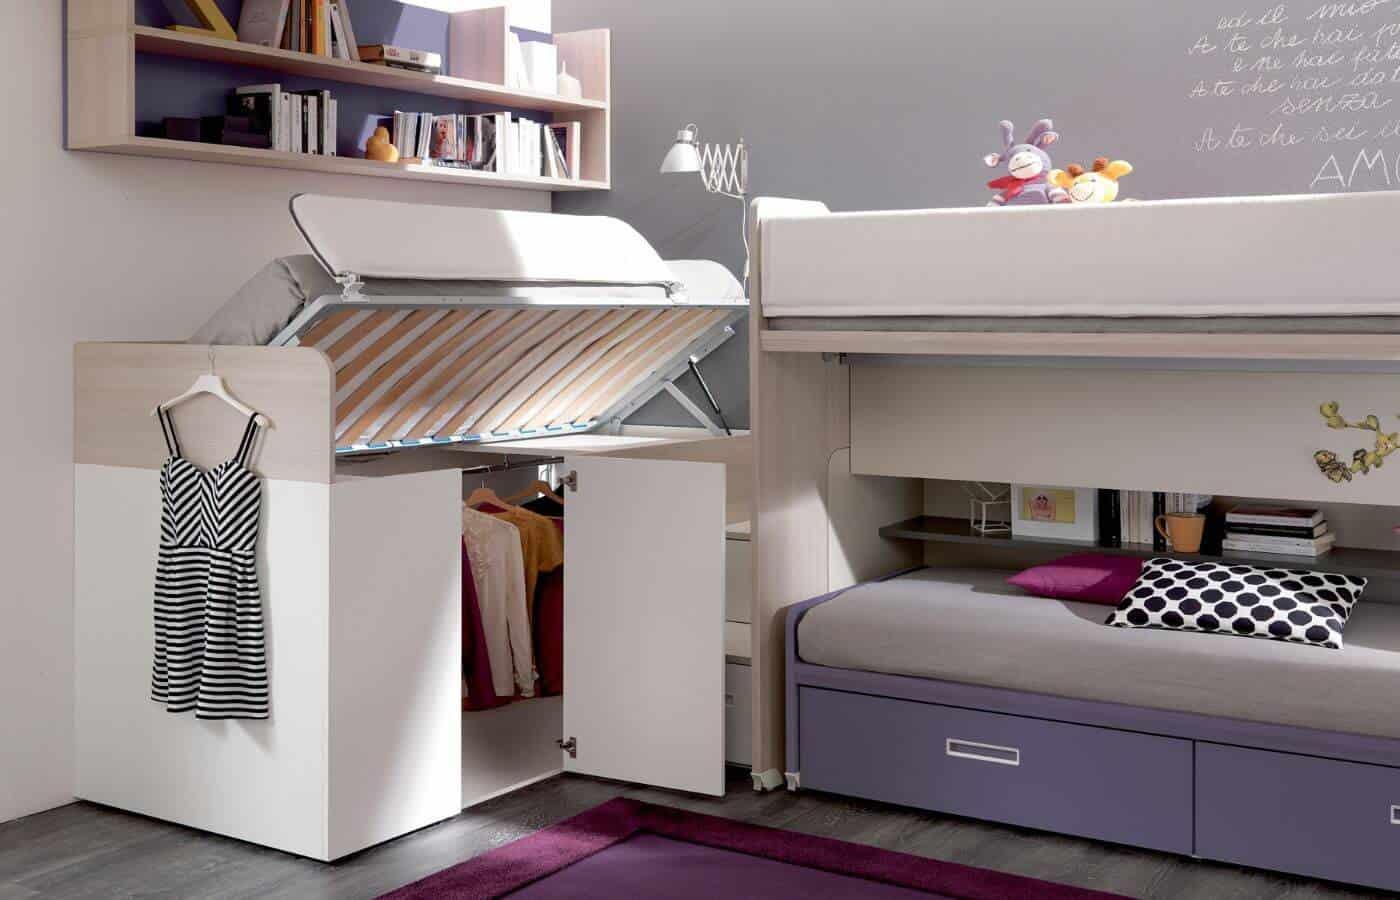 cameretta-armadio-sotto-letto-collezione-fiji-il-mobile